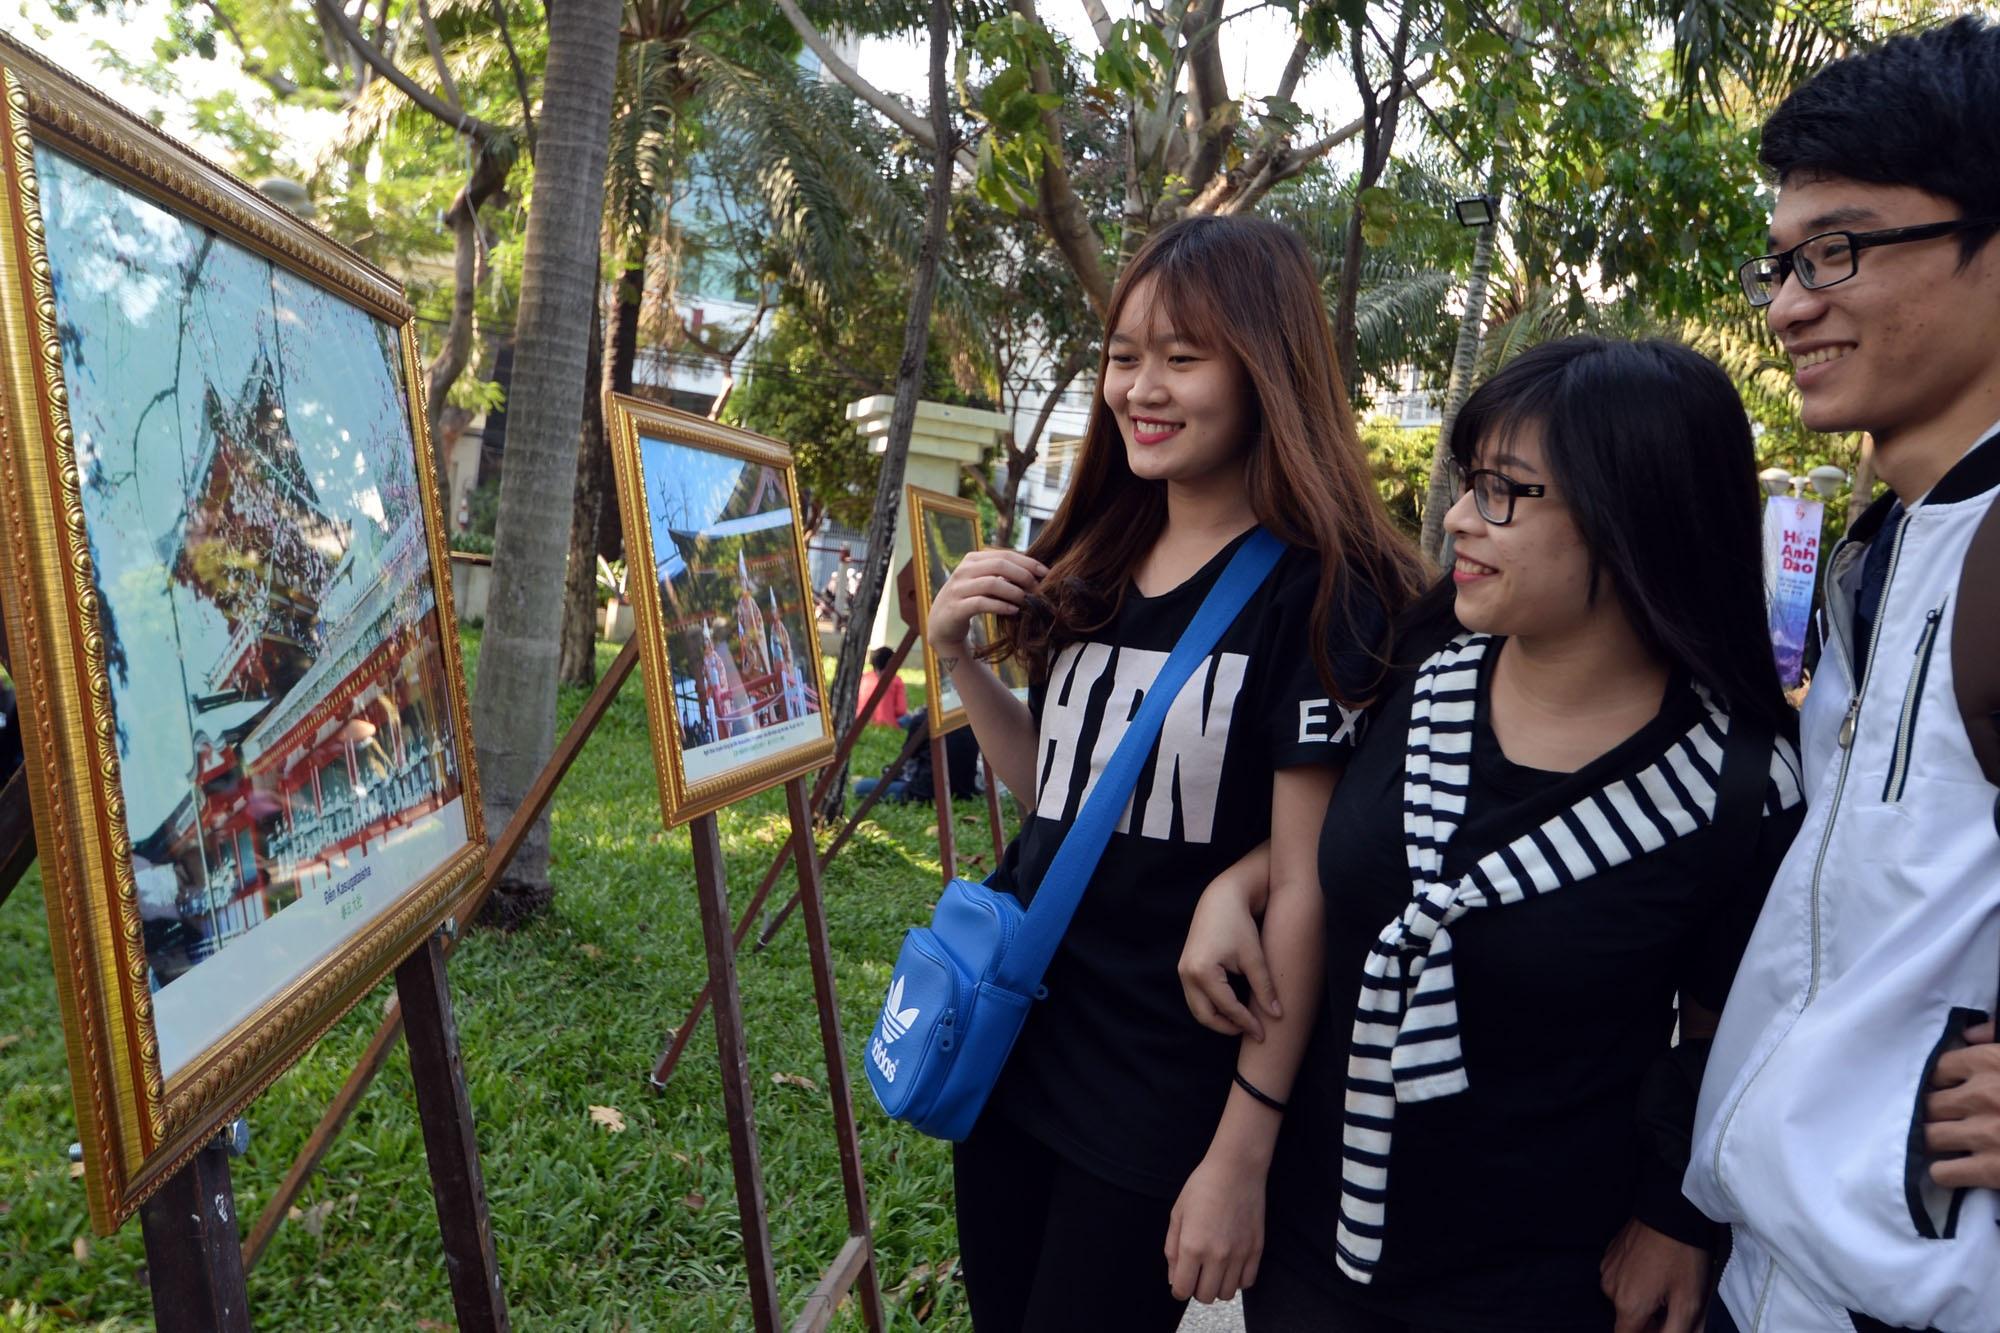 """Bạn Nguyễn Thu Huyền (sinh viên) cùng các bạn của mình tới tham dự lễ hội hoa anh đào cảm nhận: """"Đây là lần đầu tiên tụi em được nhìn và chụp hình trực tiếp với hoa anh đào""""."""